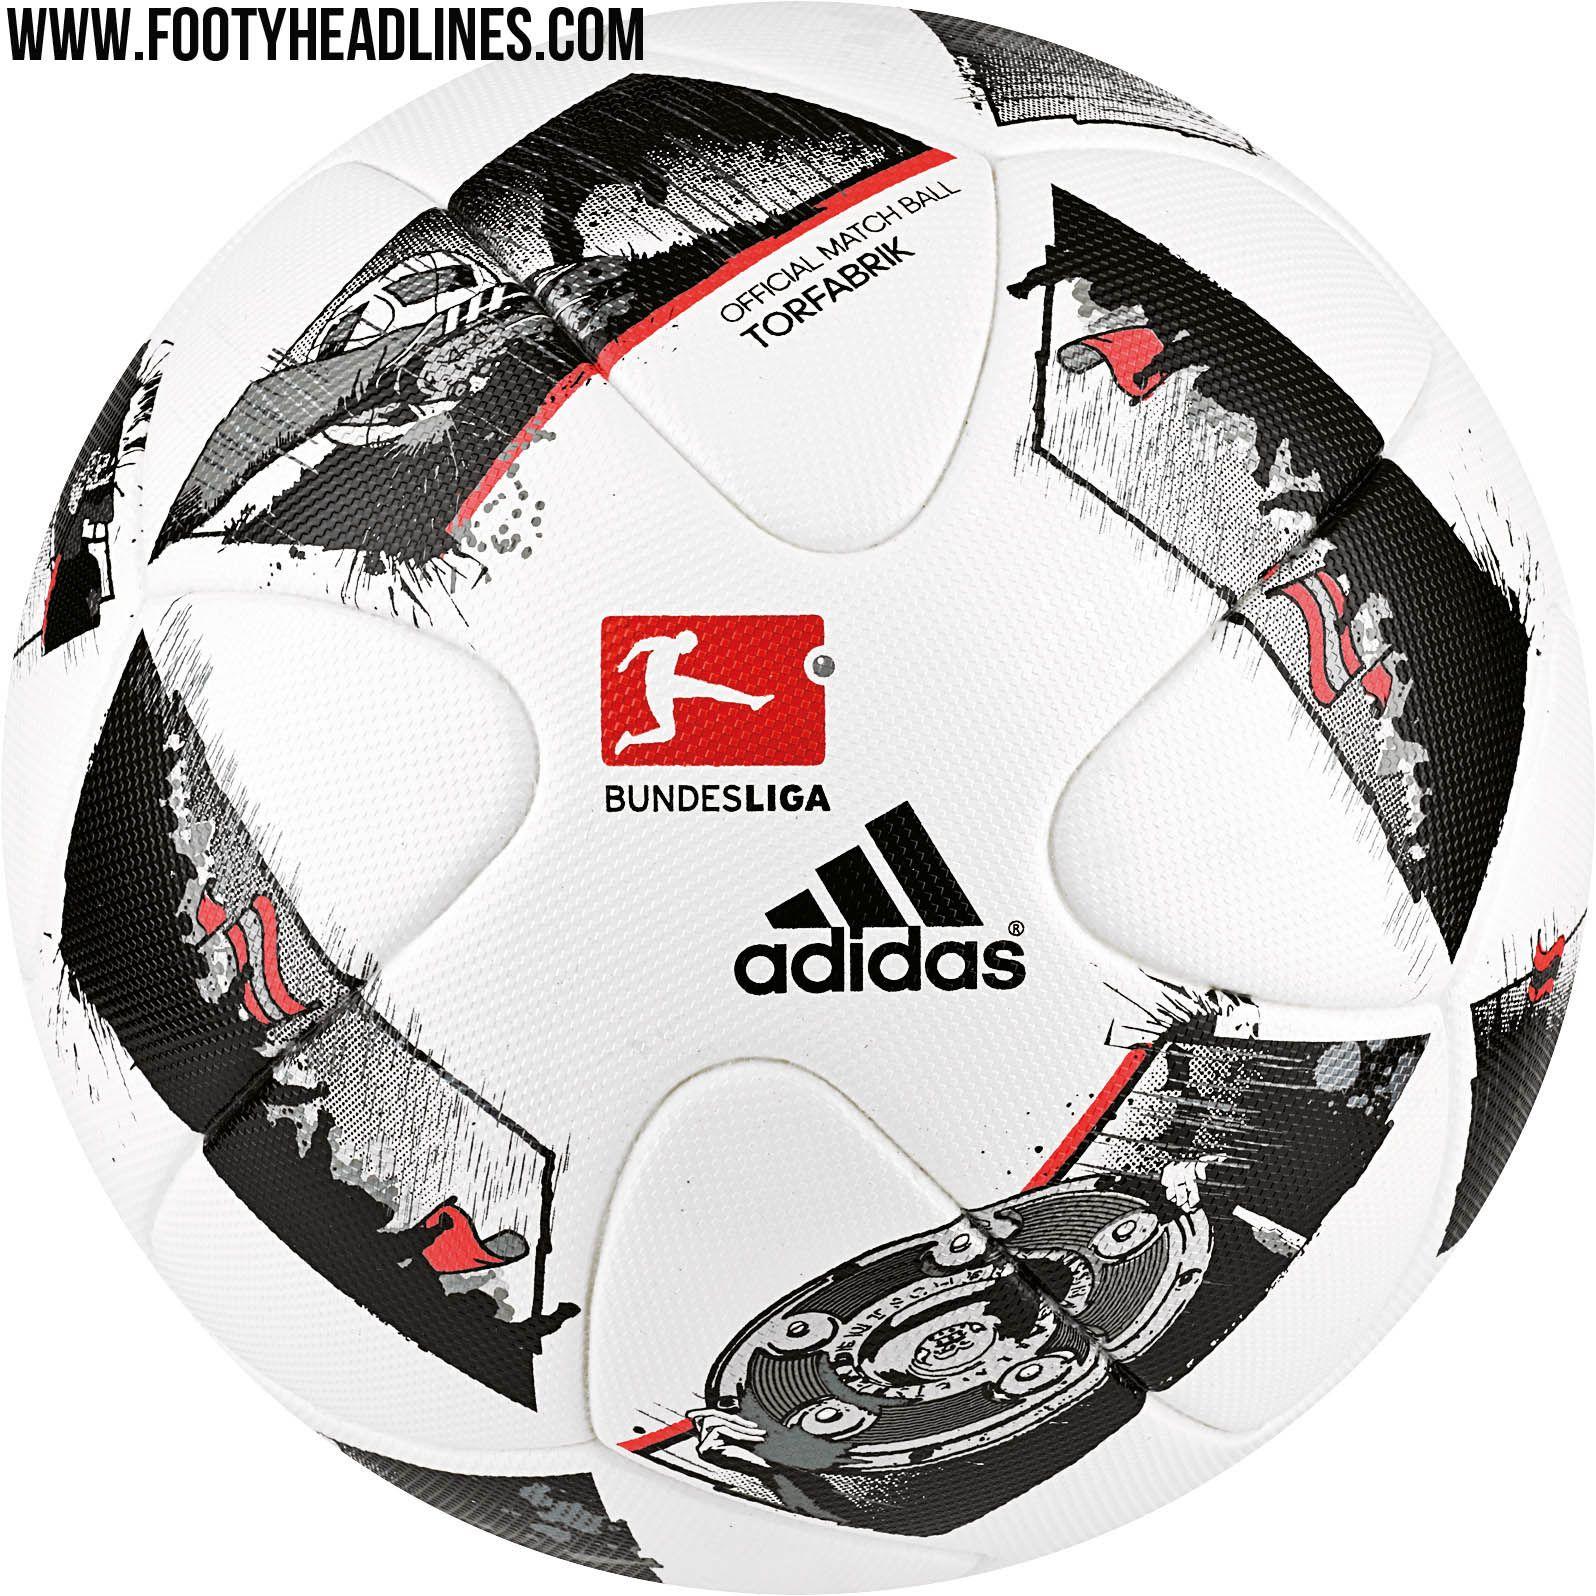 071356f1ecf86 Adidas 16-17 Bundesliga Ball Leaked - Footy Headlines | minge